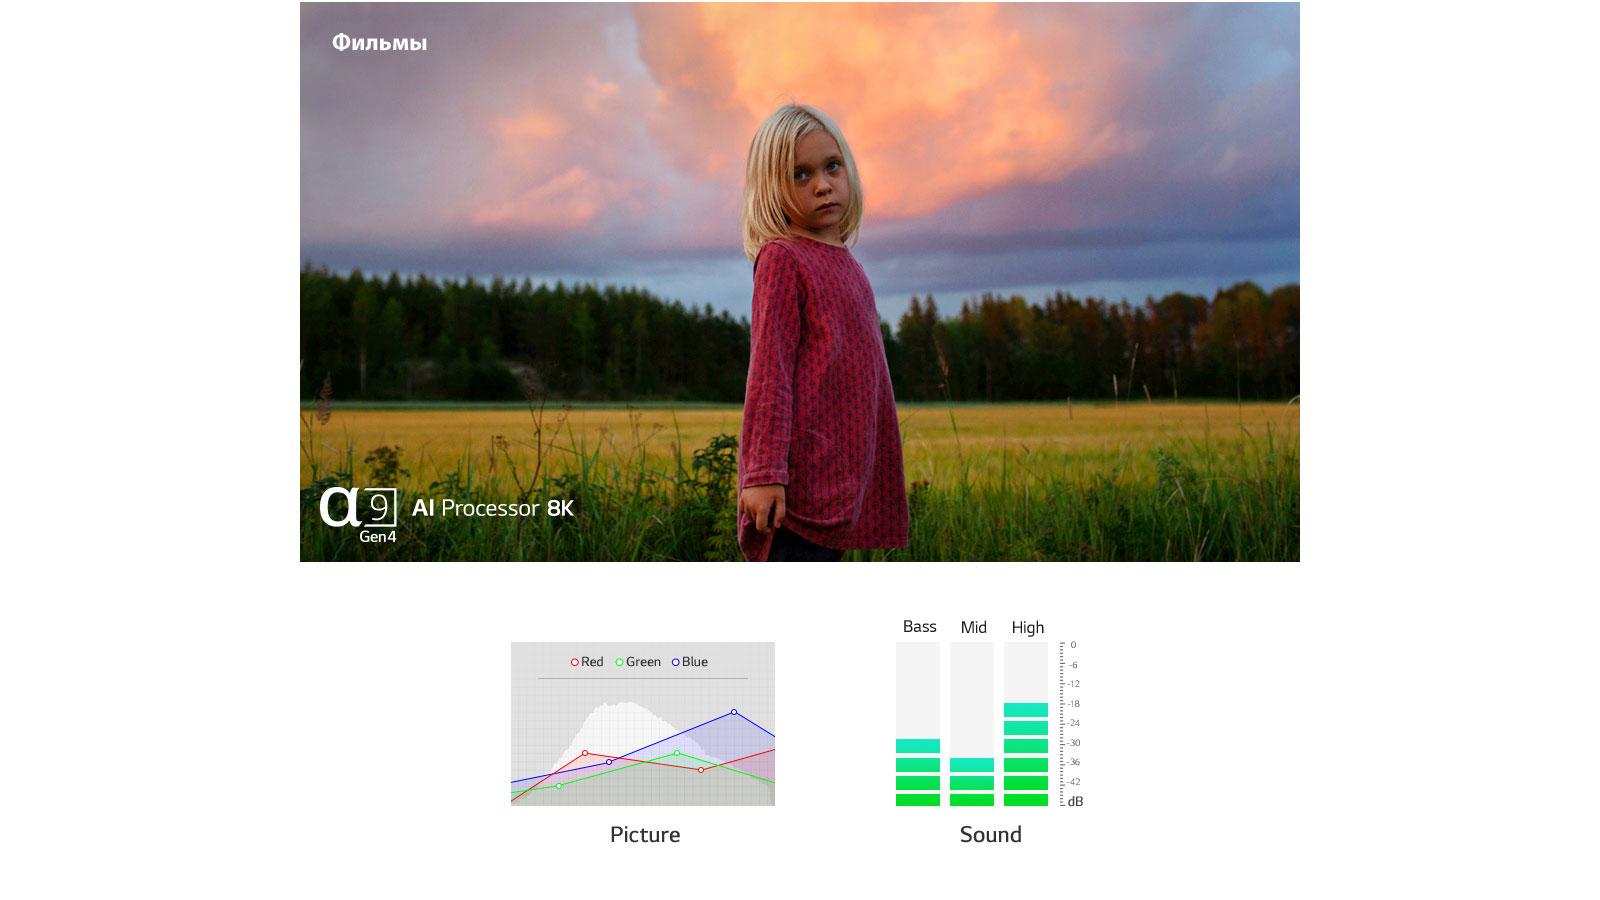 Две сцены с изображением и звуком, автоматически оптимизированным с помощью процессора a9 Gen4 с технологией искусственного интеллекта (просмотр видео)